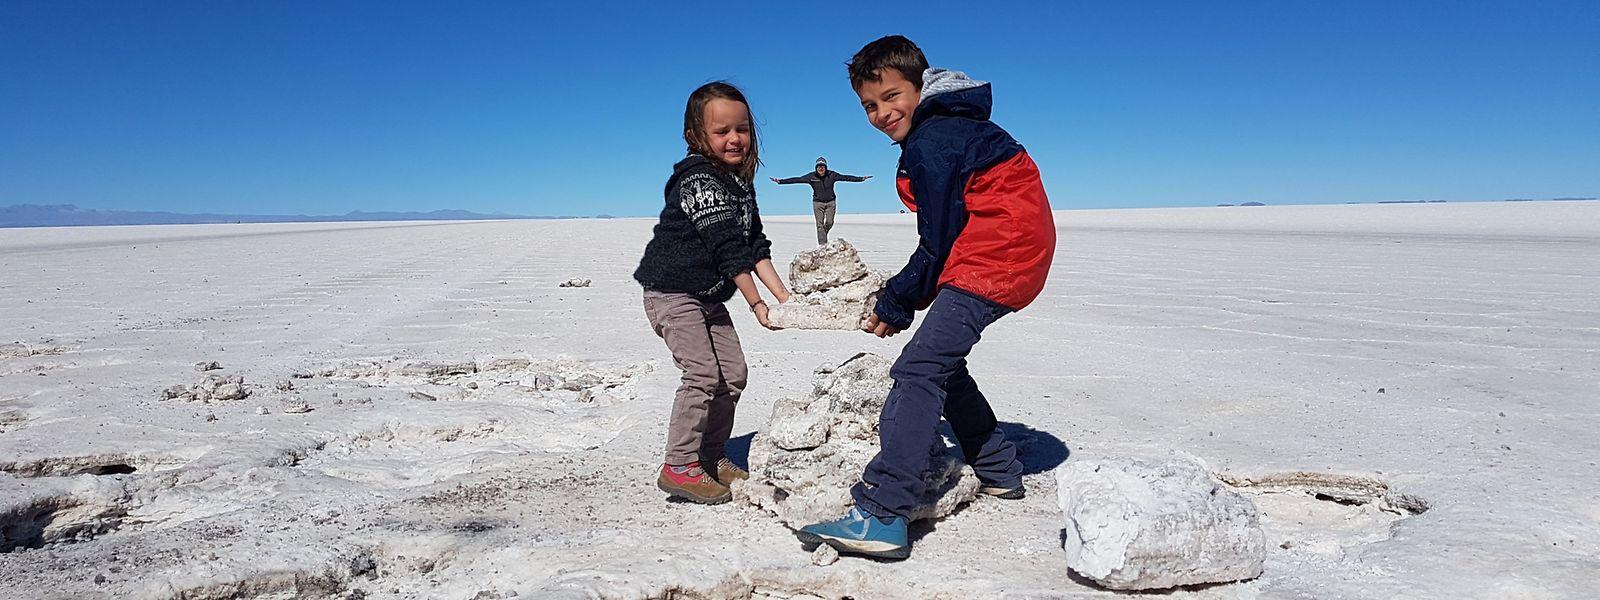 Spiel und Spaß auf mehr als 3500 Metern Höhe: Kali, Liam und ihr Vater in der bolivianischen Uyuni-Salzwüste.